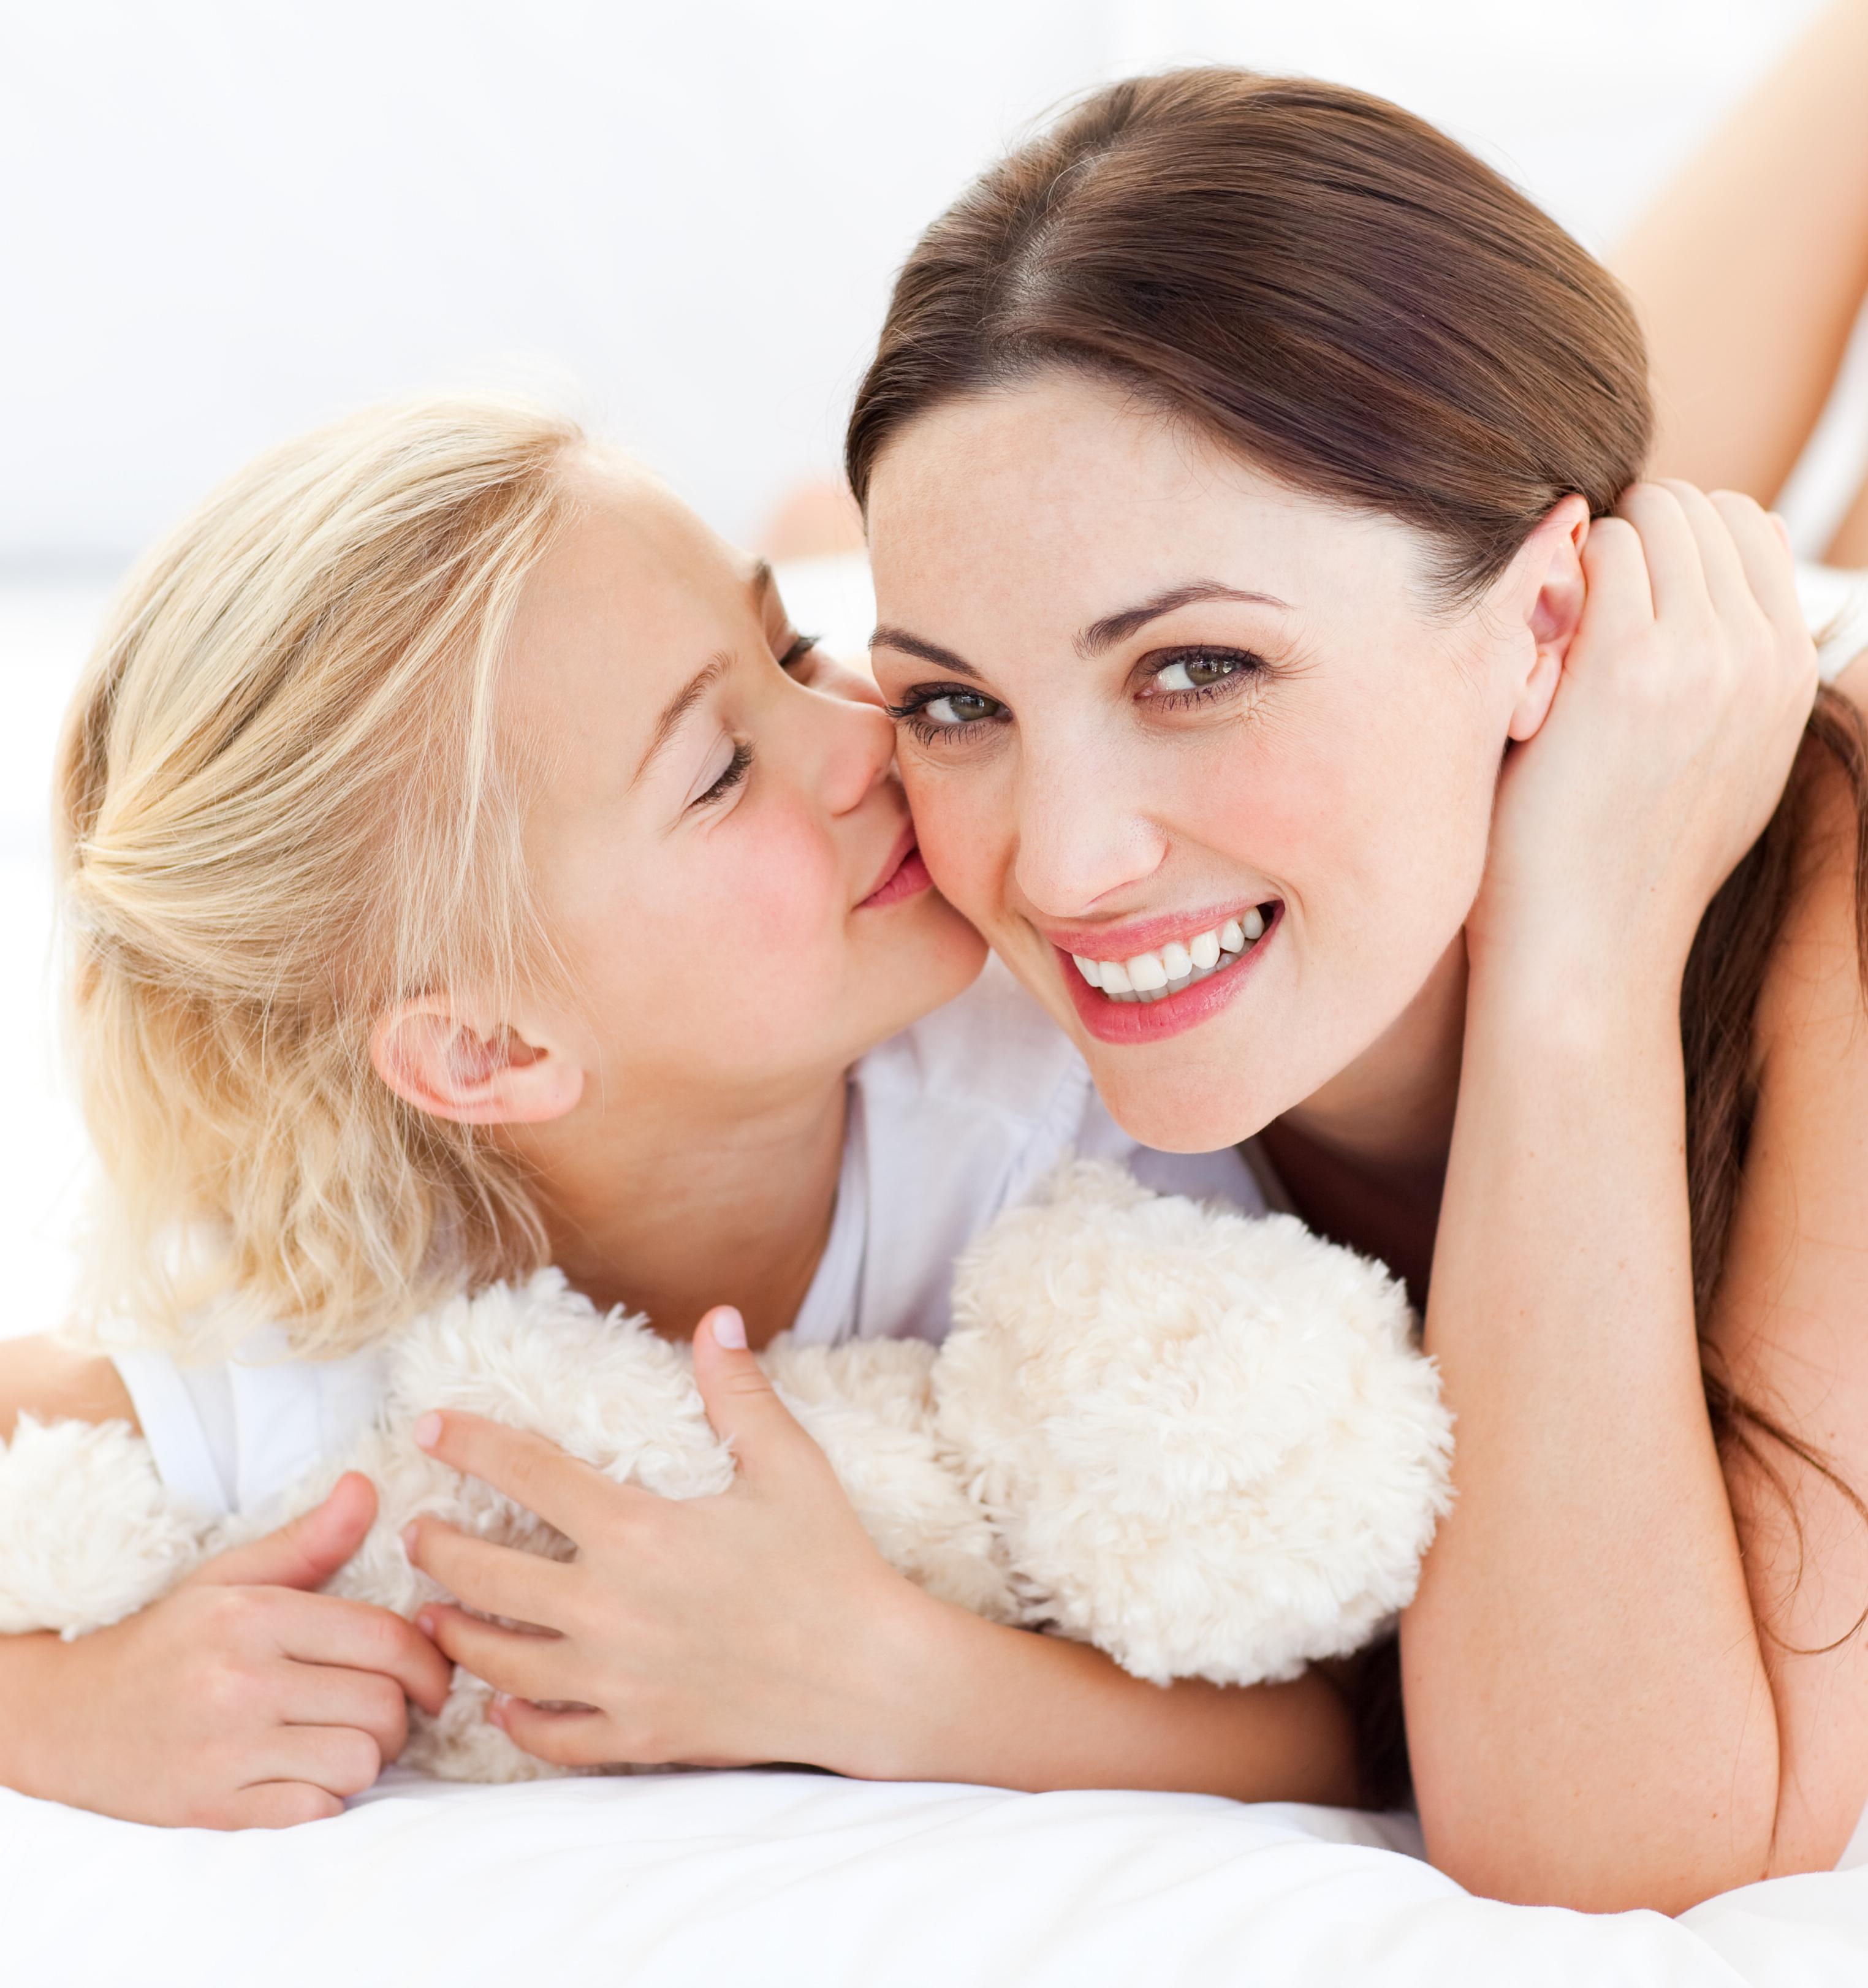 С парнем дочери на кровати 8 фотография